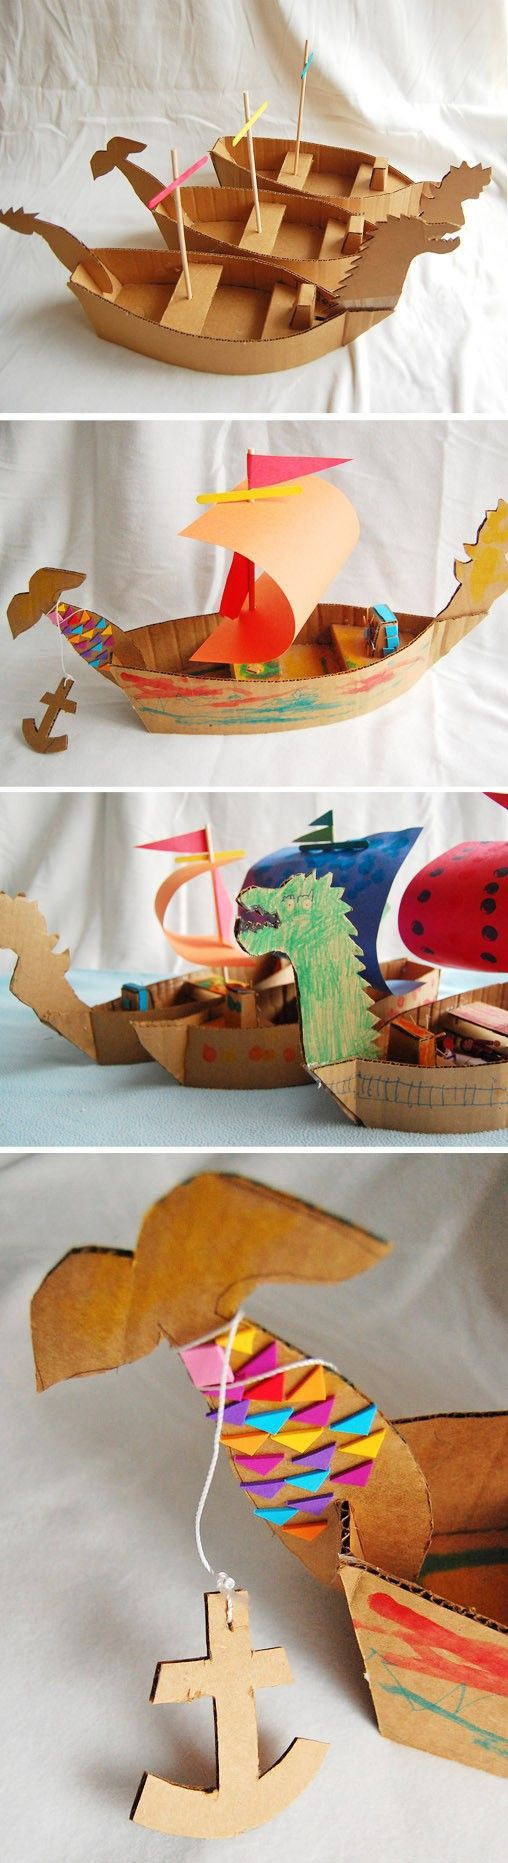 DIY Cardboard Ships